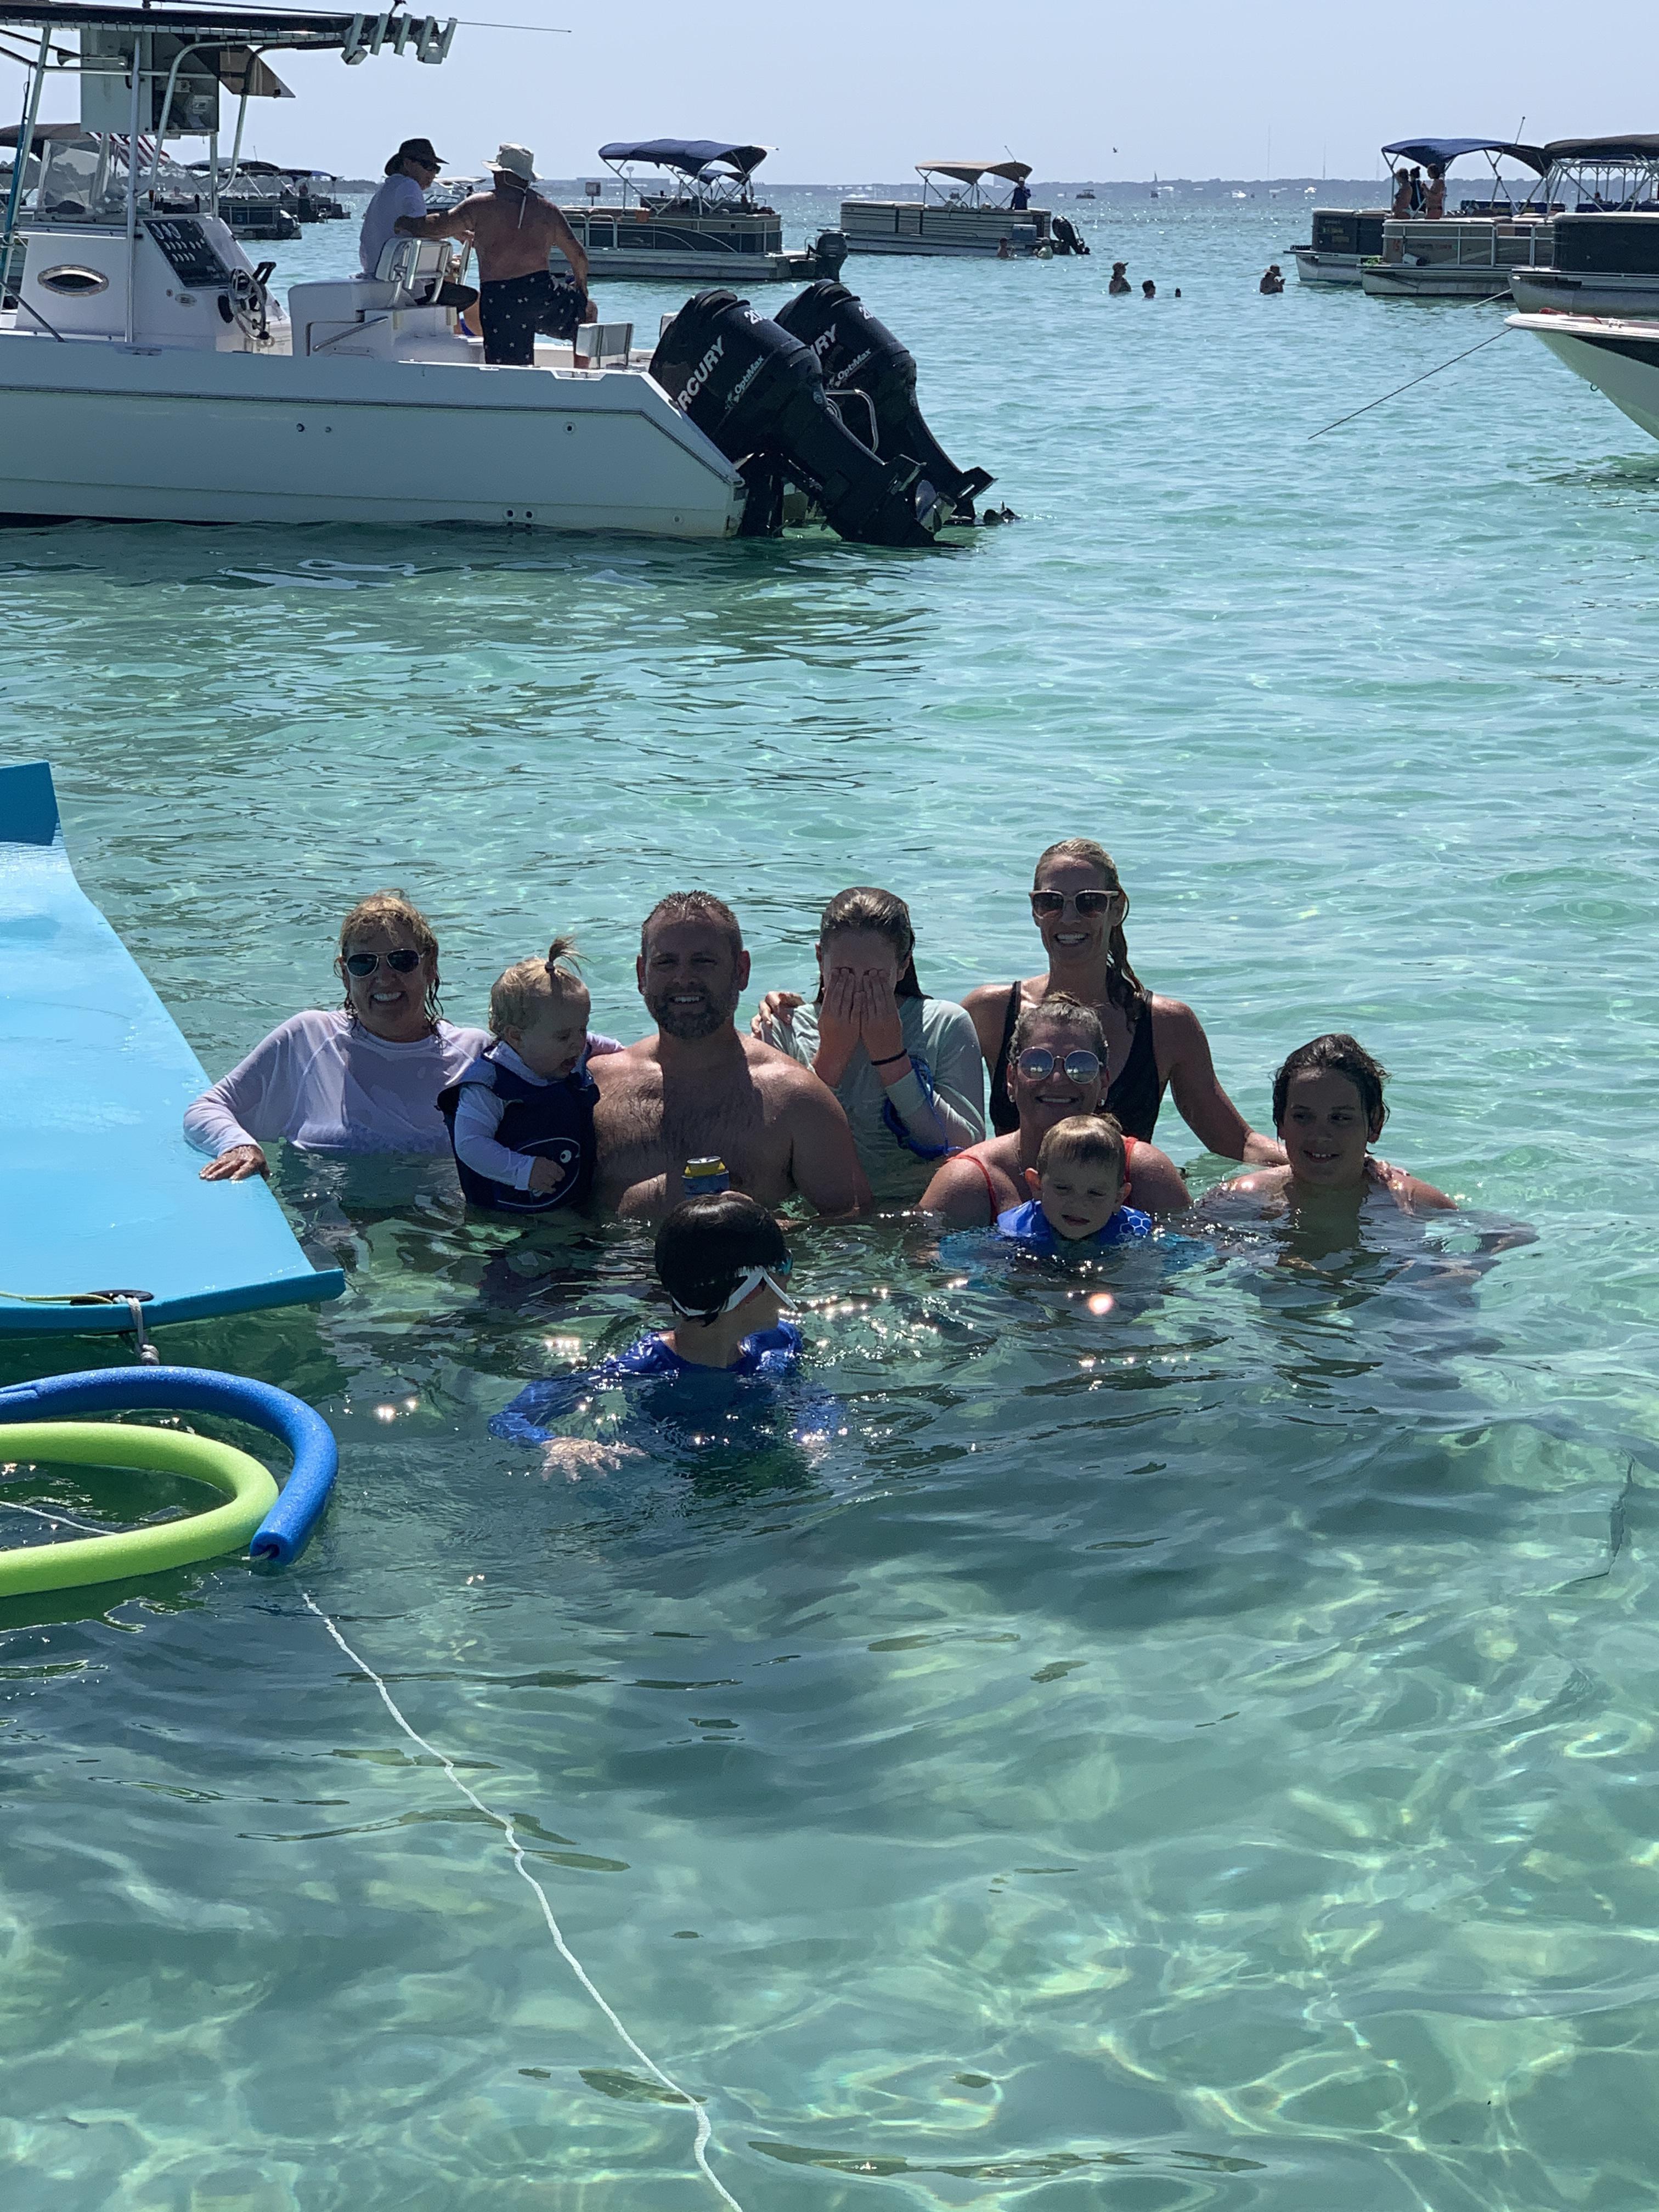 41' Searay Sunseeker Motor Yacht Charter In Destin, Florida   GetMyBoat